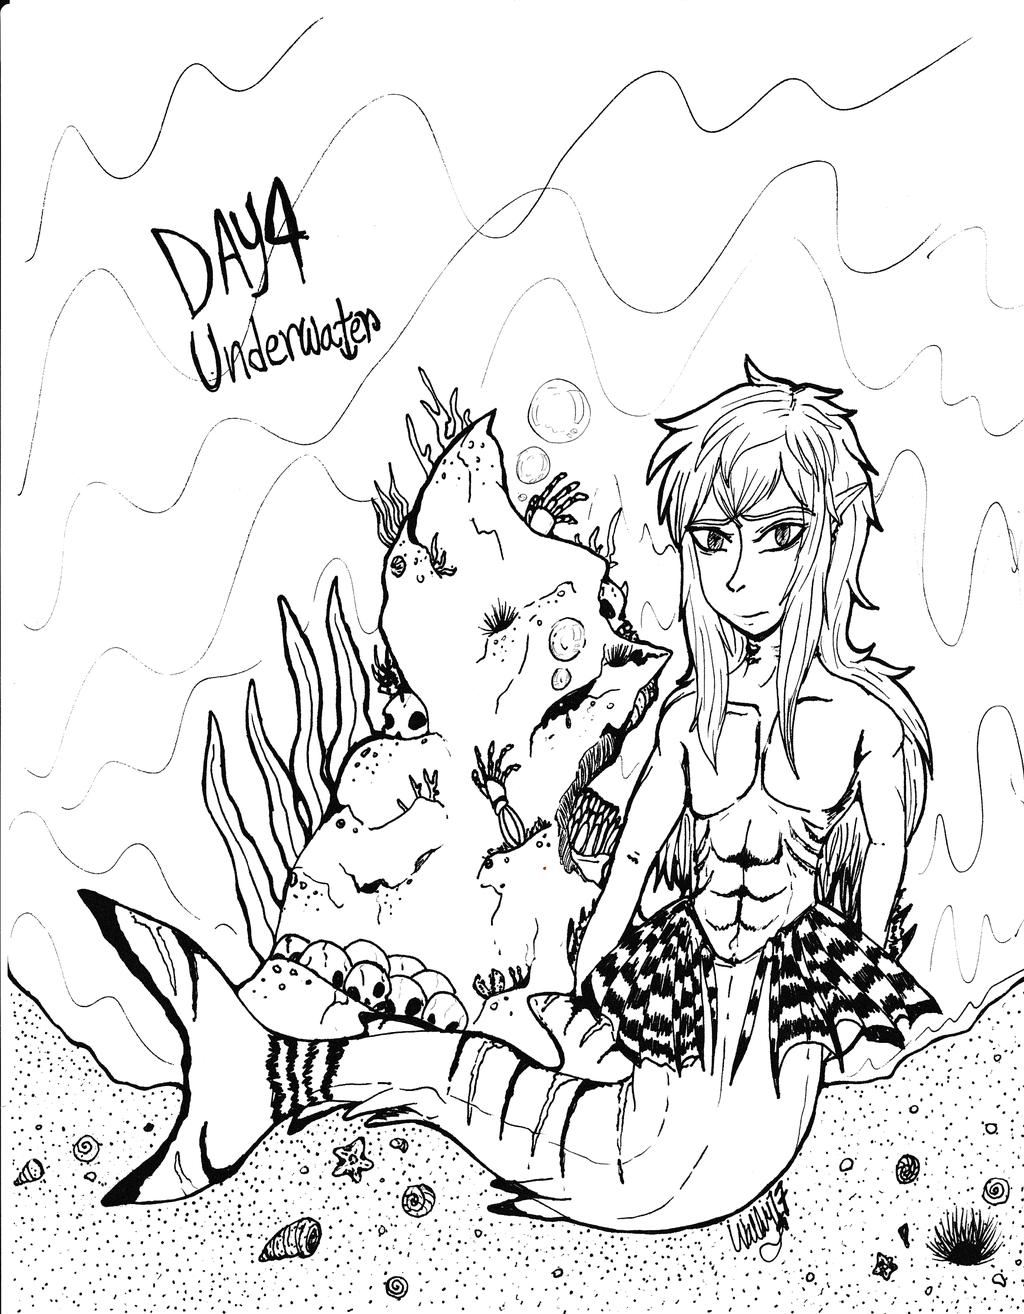 Inktober17 Day 4: Underwater